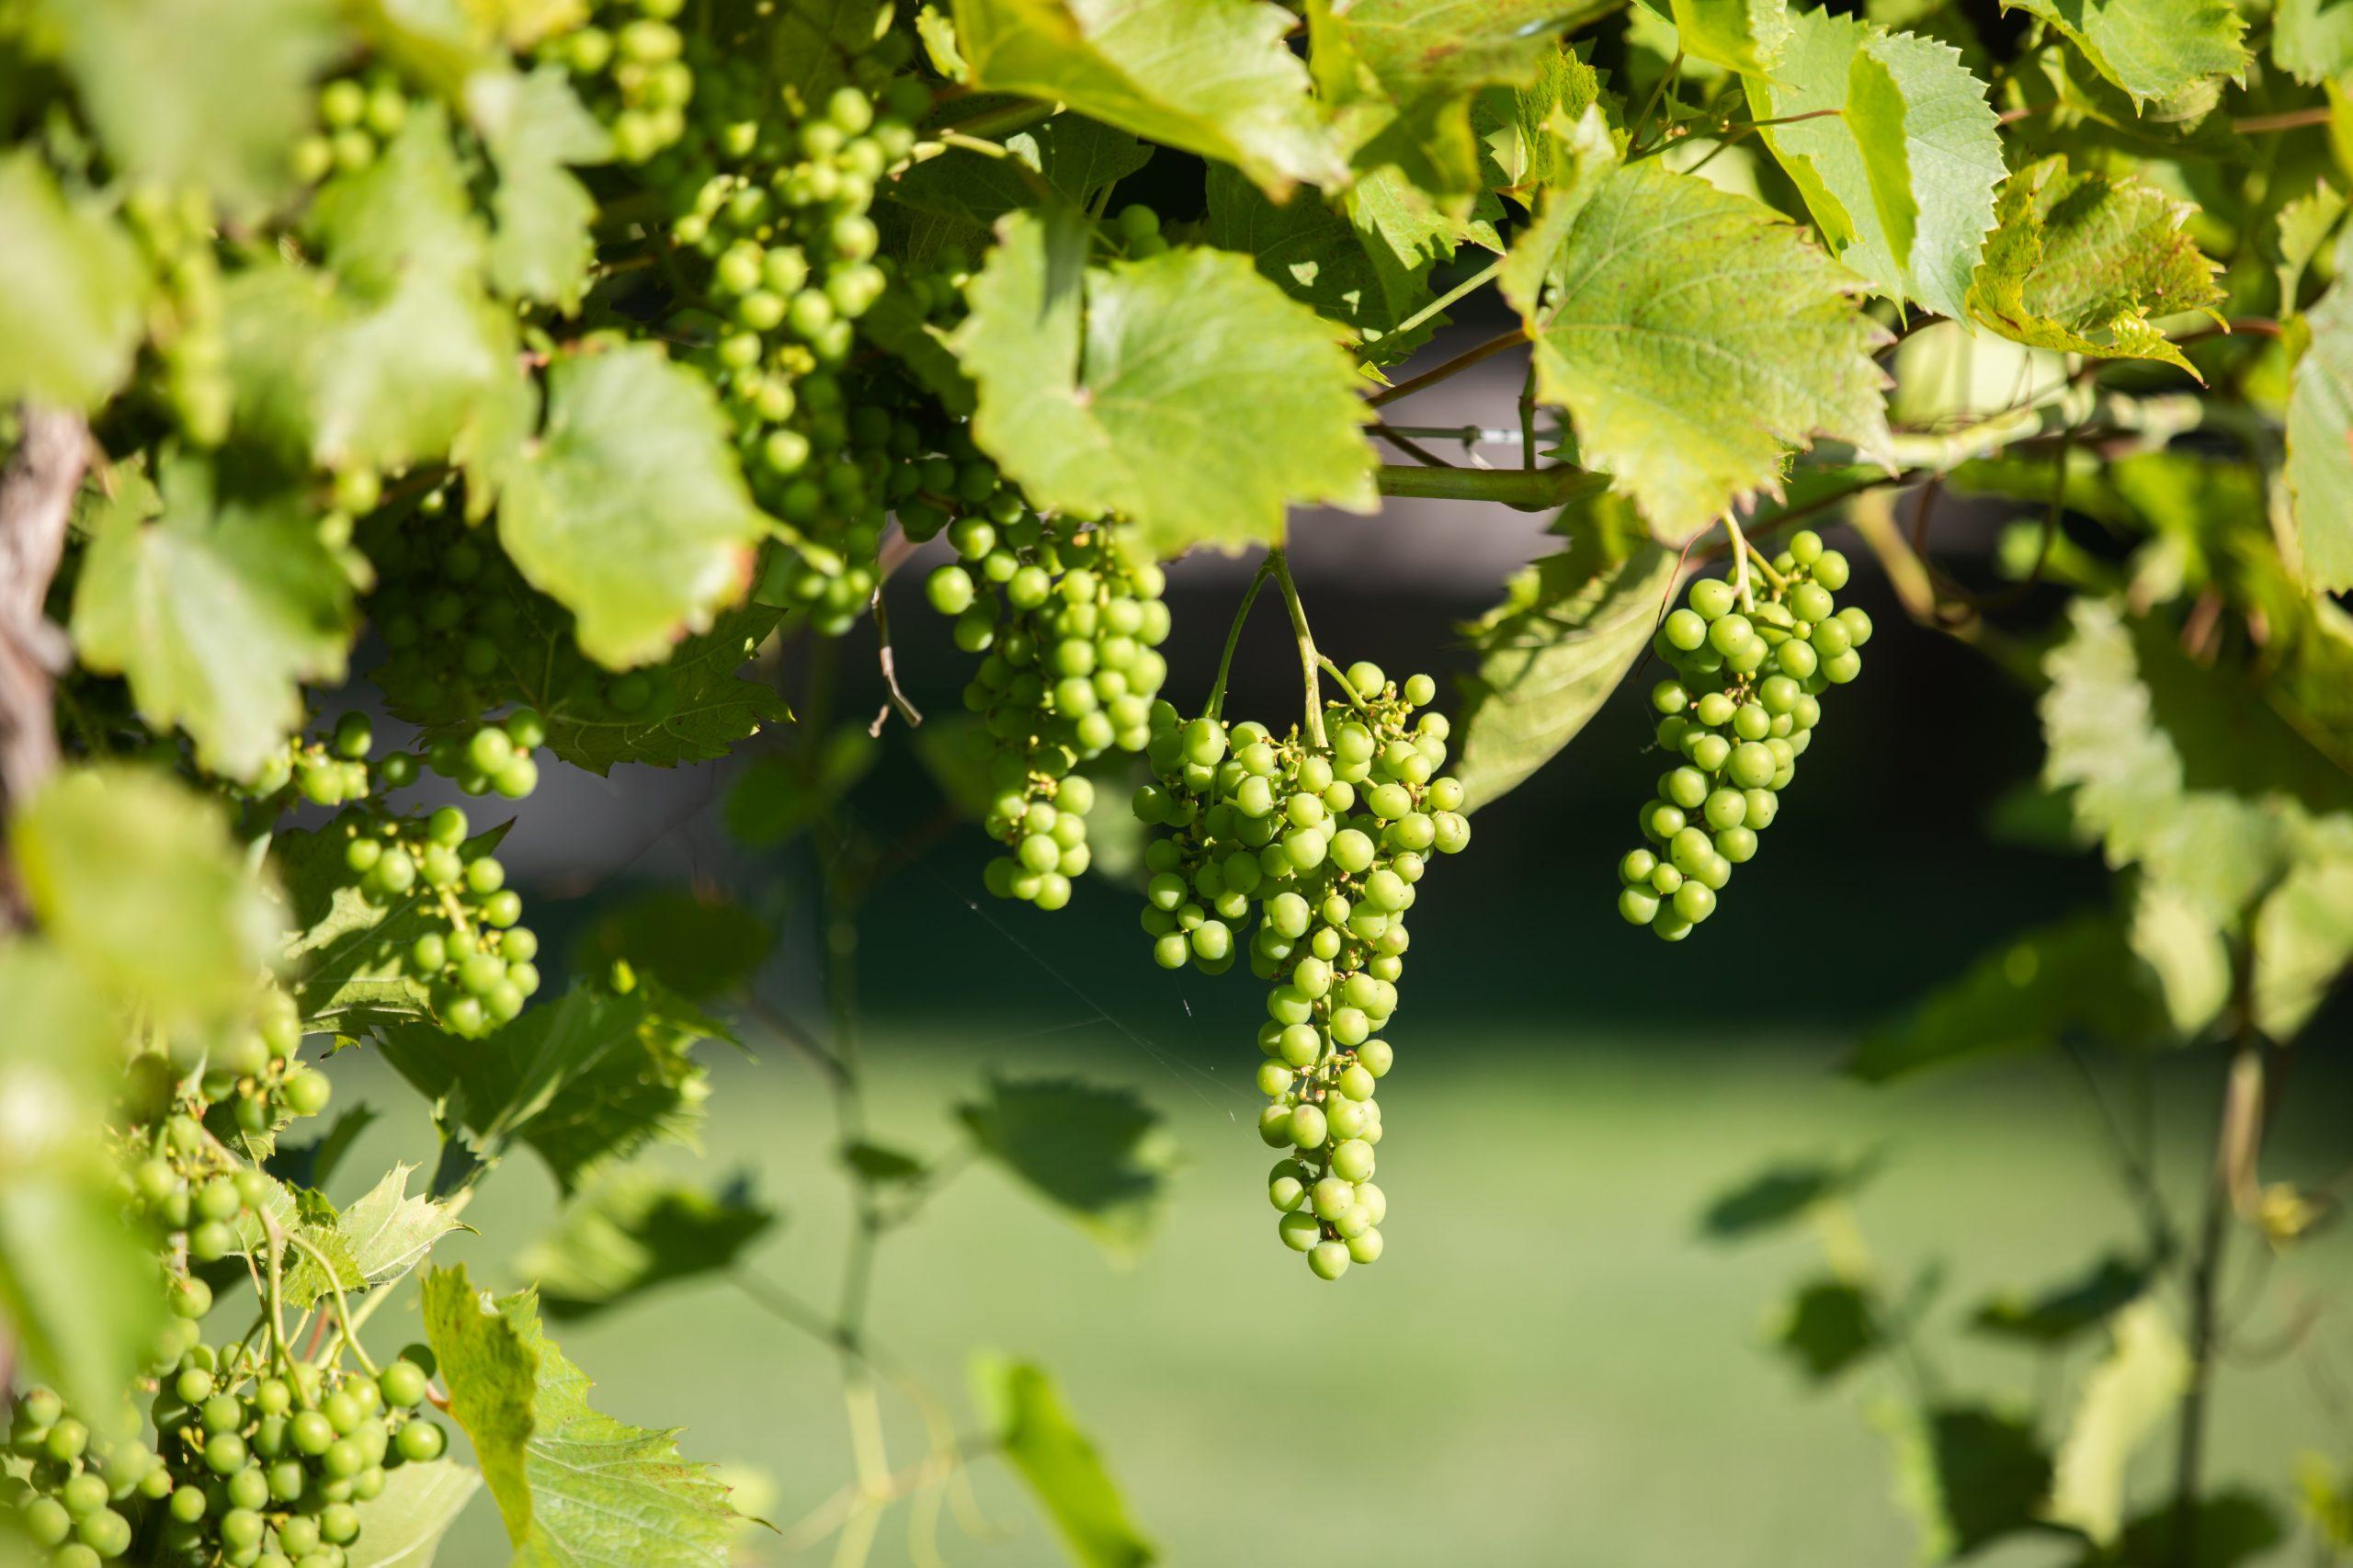 Hessenland Inn Grapes